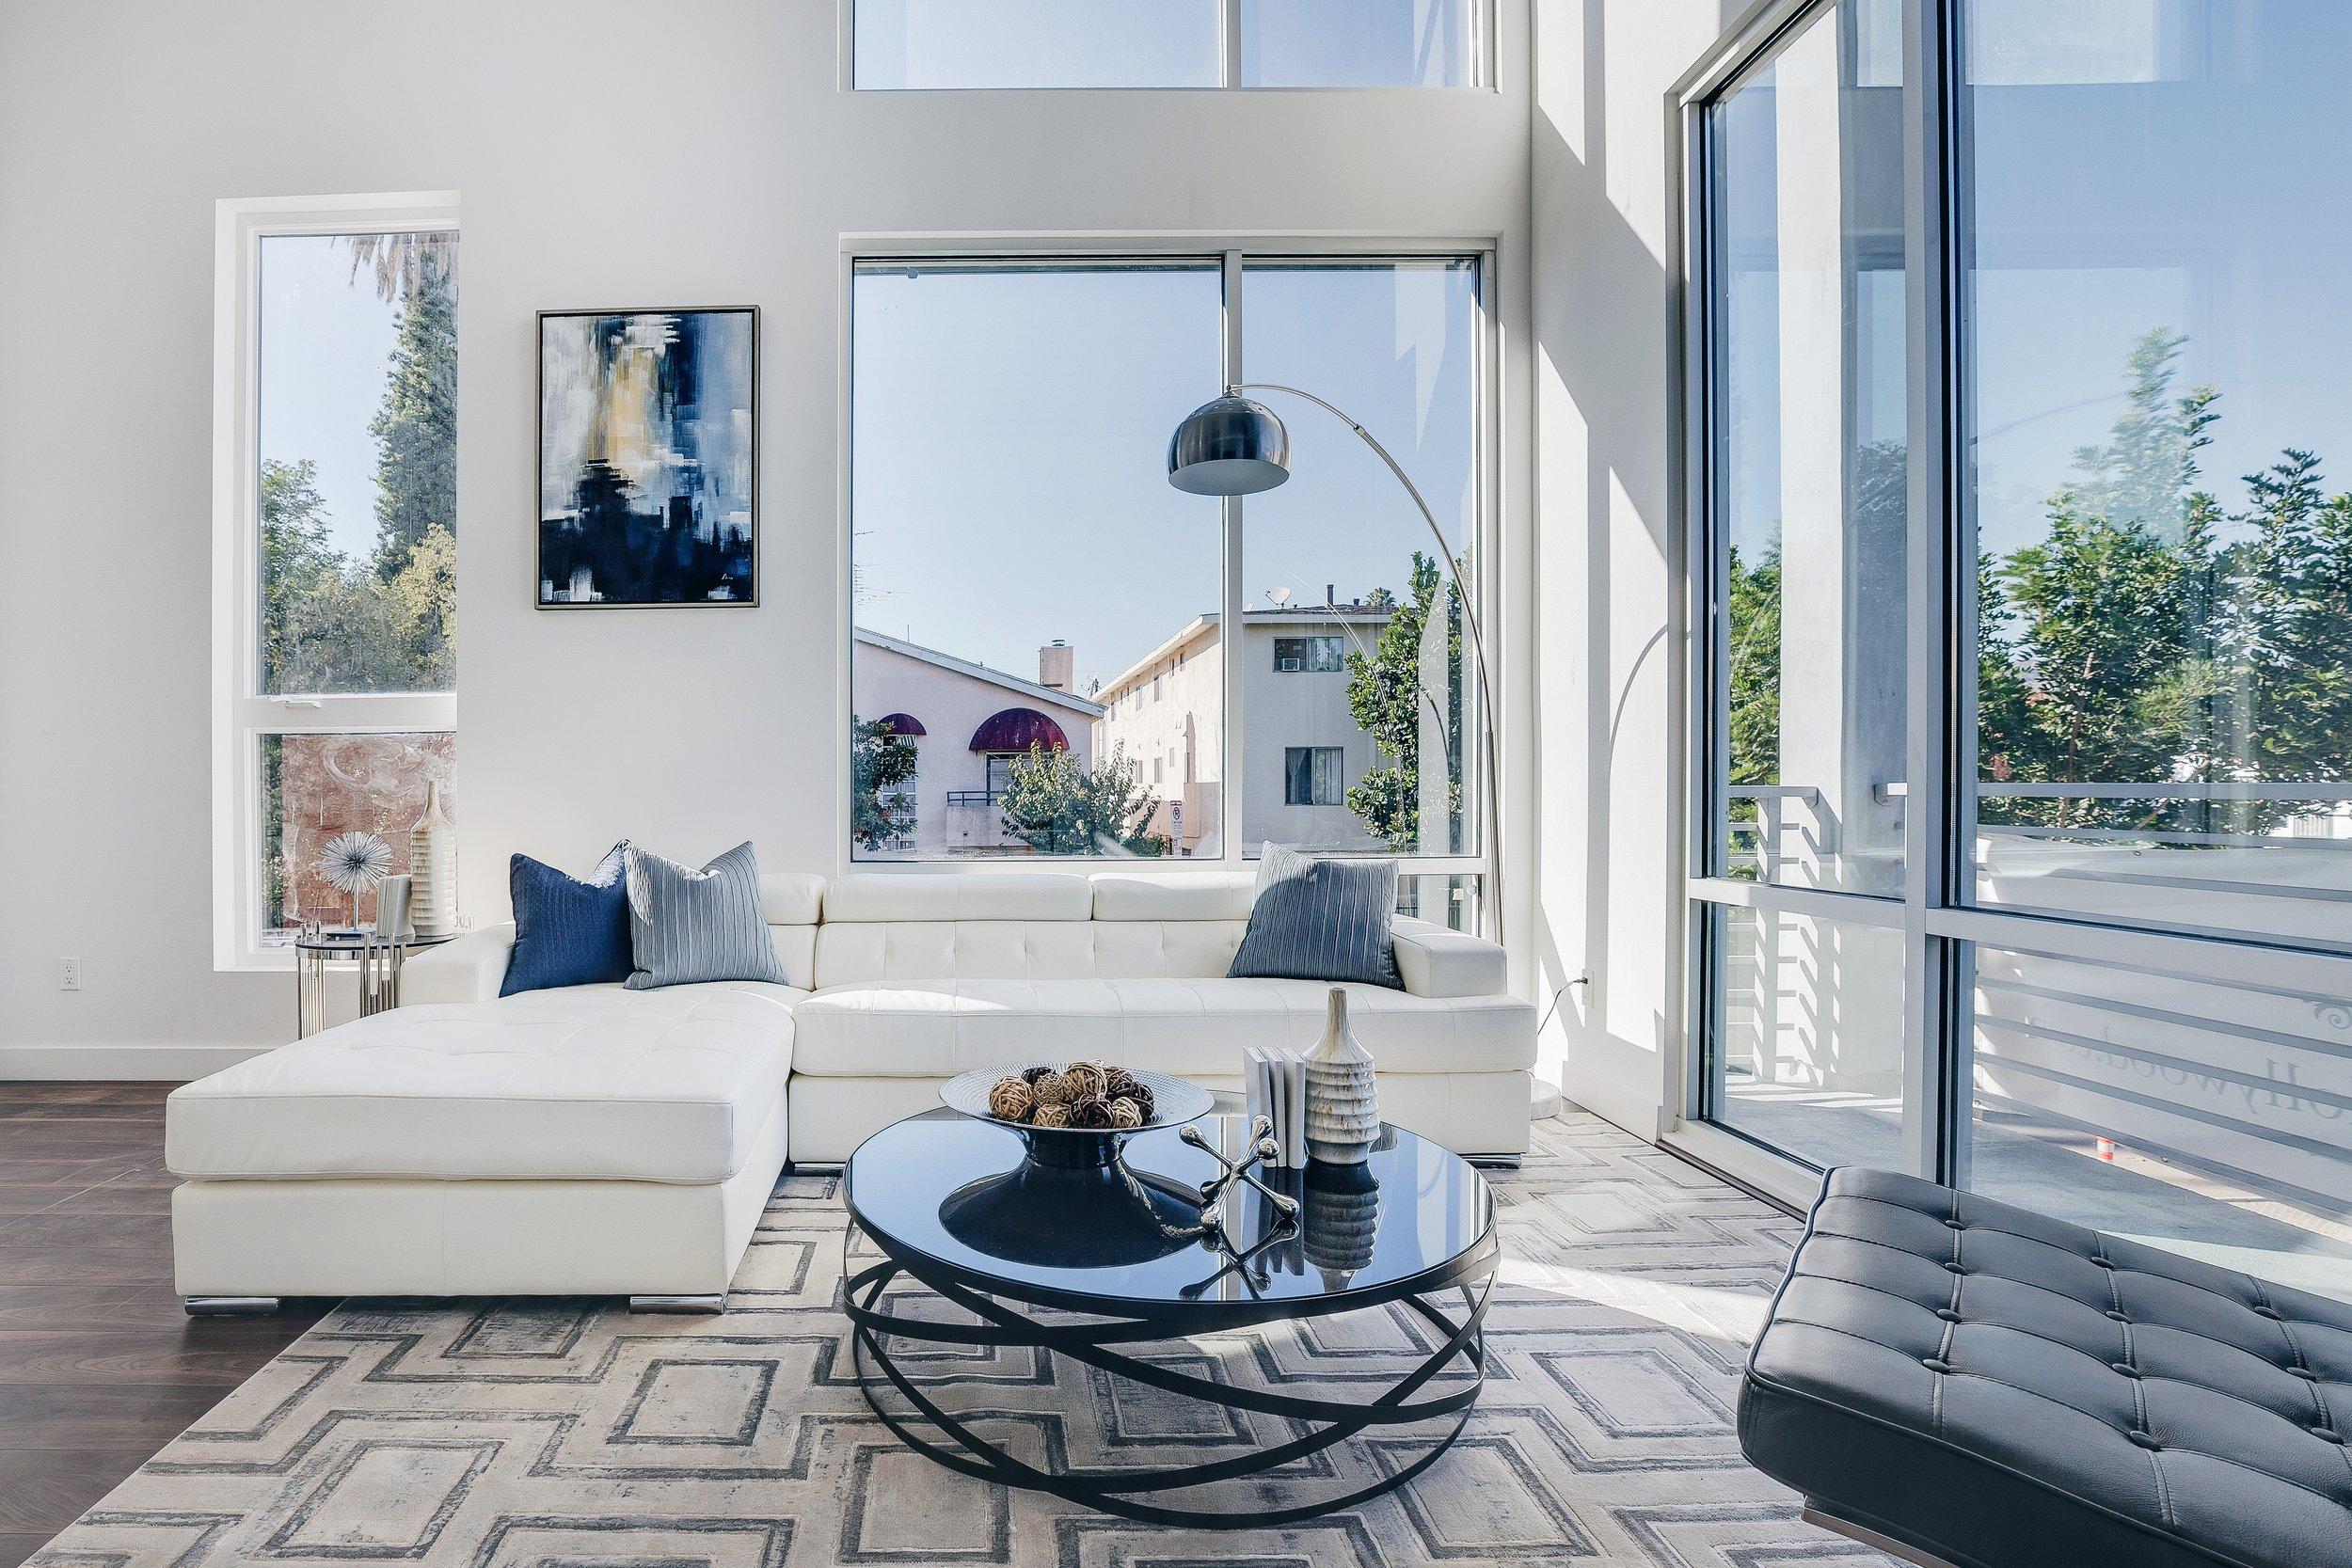 Hollywood Housing